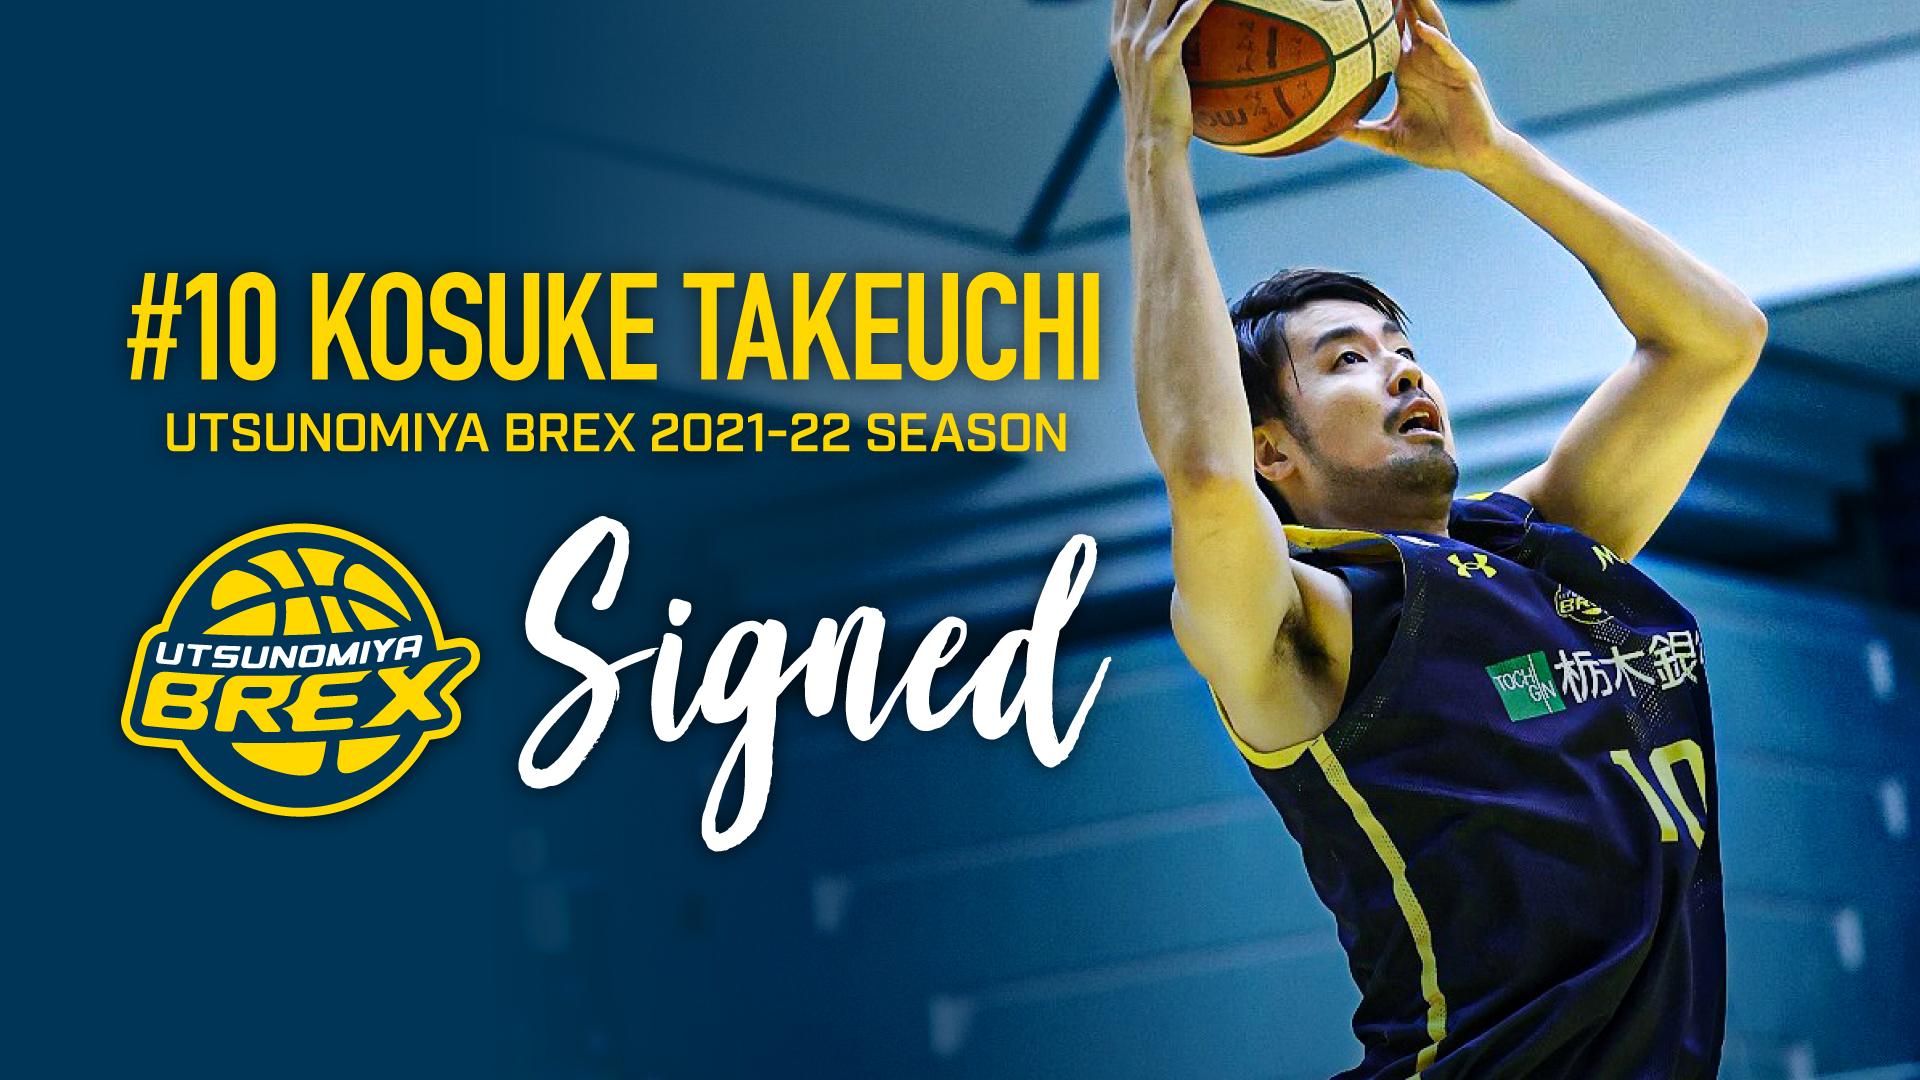 【宇都宮ブレックス】#10 竹内選手、2021-22シーズン契約合意